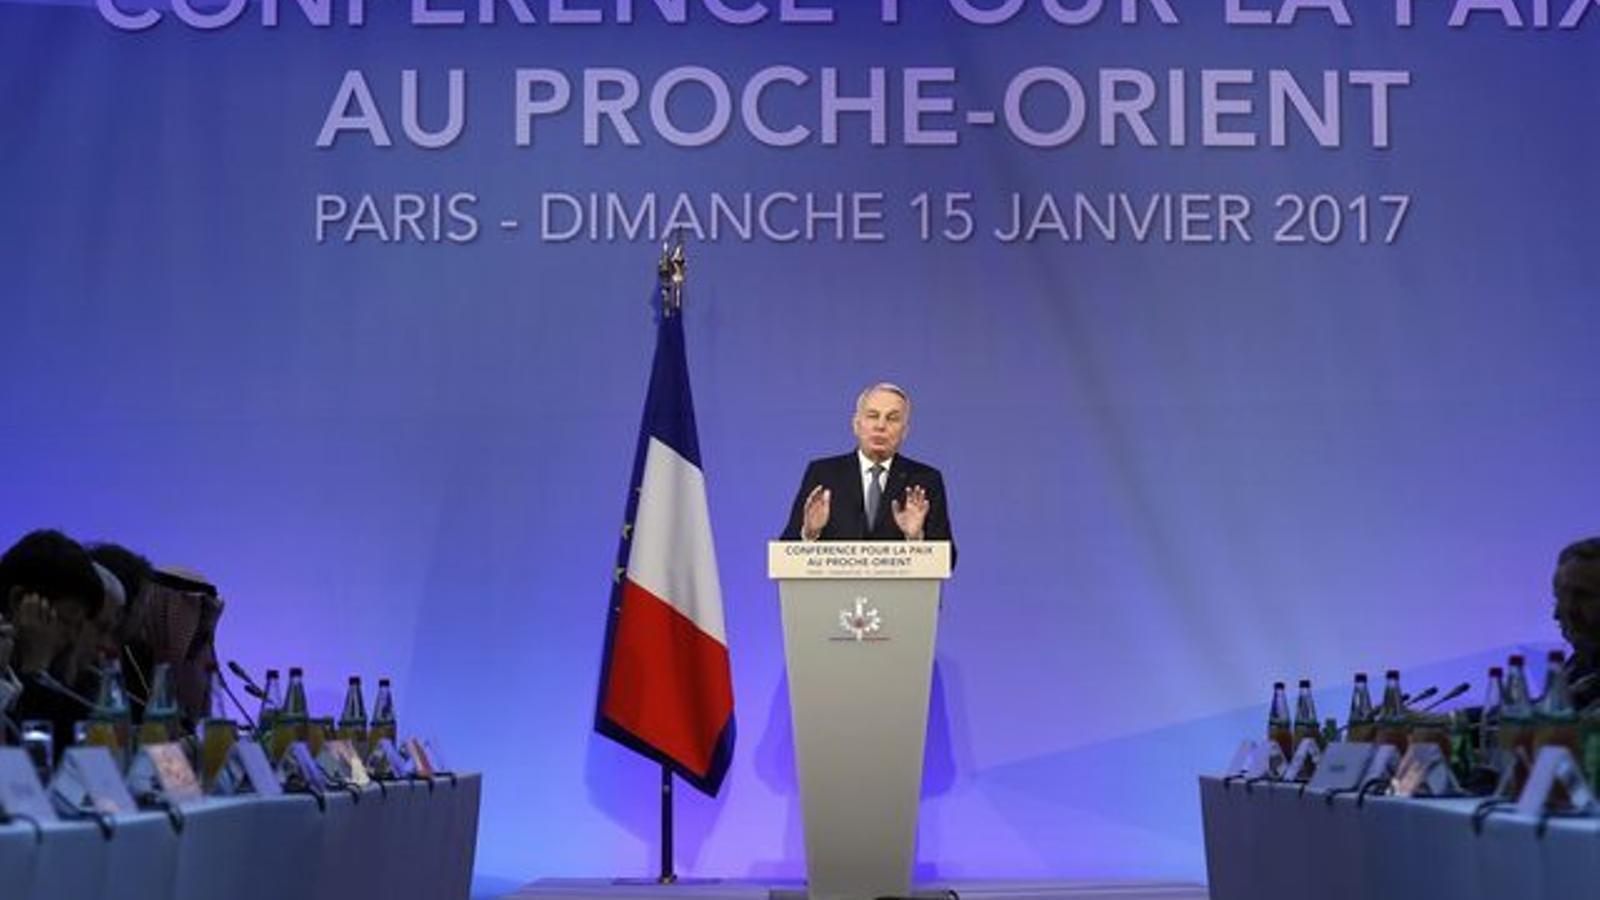 El ministre francès d'Afers Exteriors a la conferència de París.